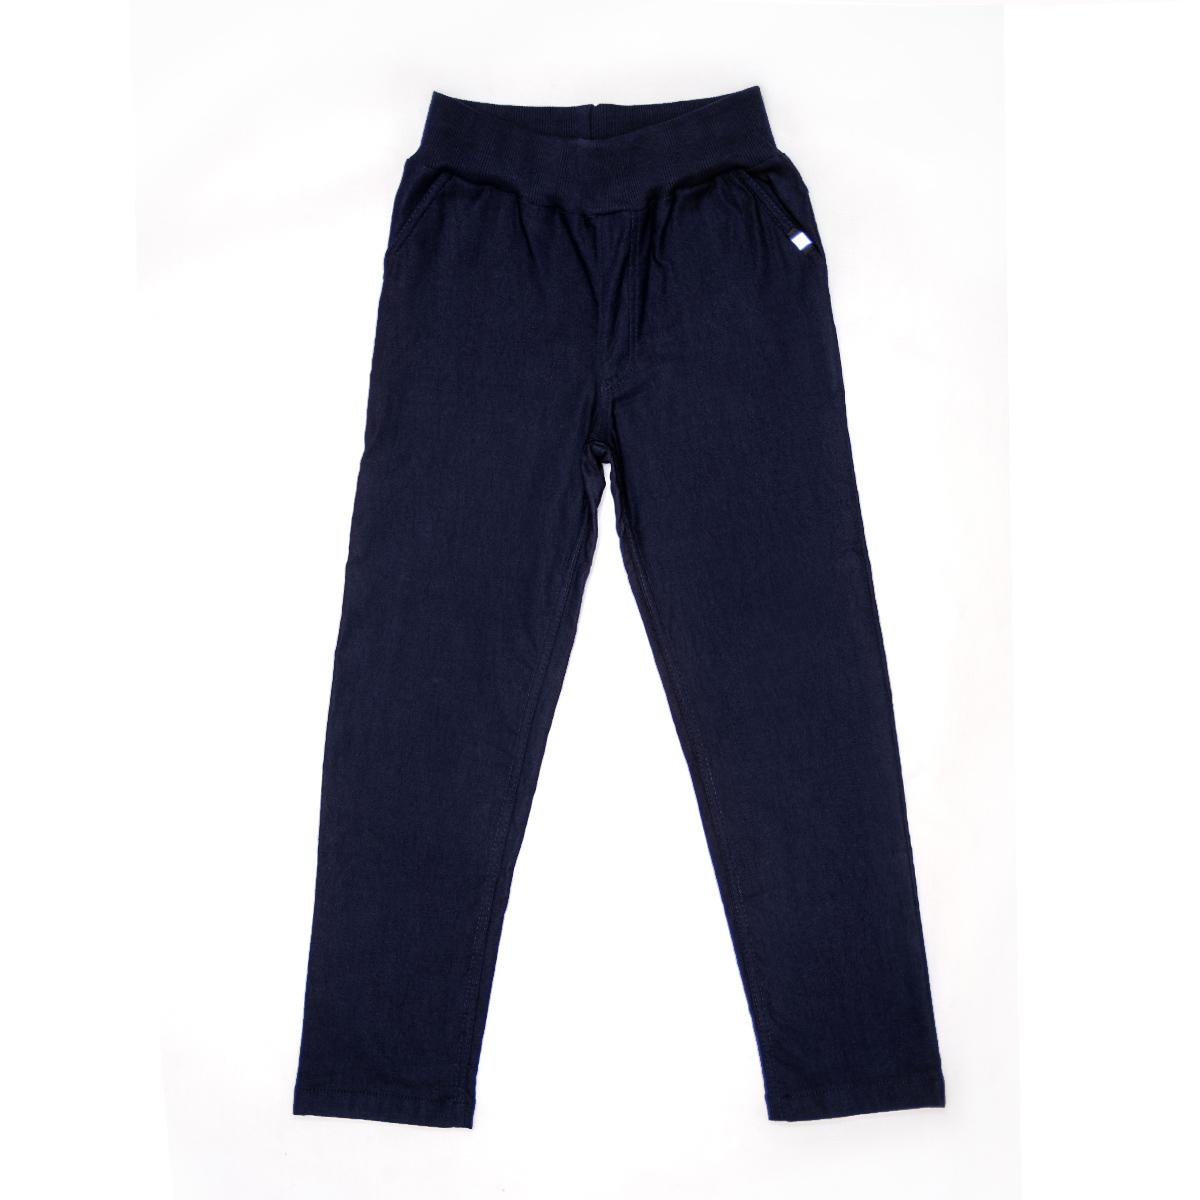 Брюки Джеггинсы SmileTime для мальчика утепленные Warm Fashion, темно-синие